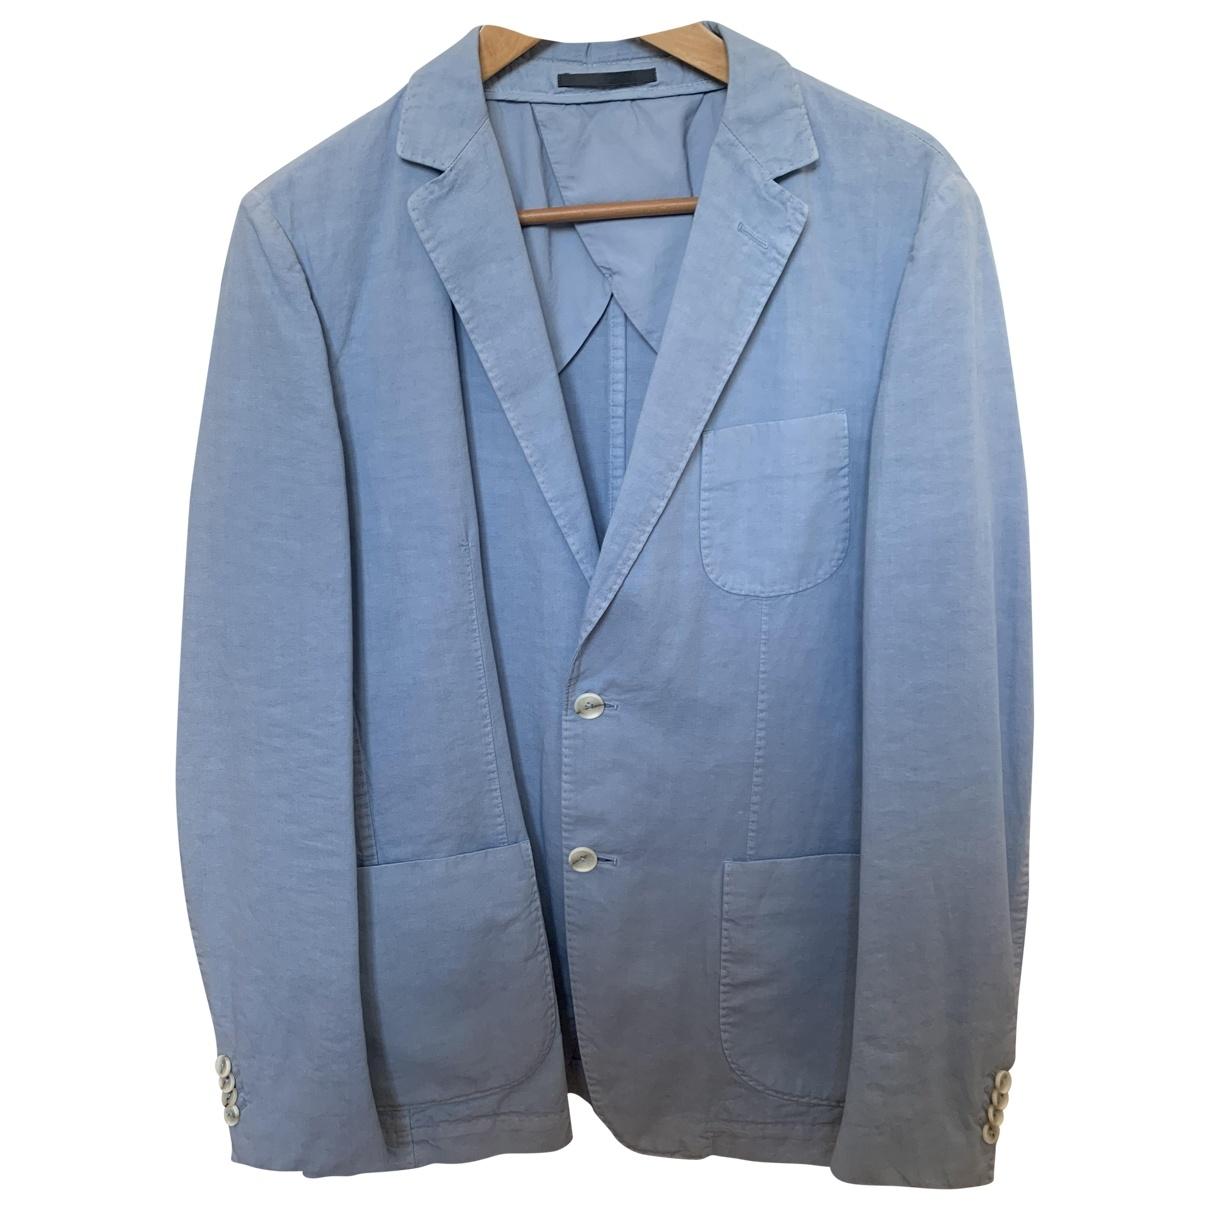 Z Zegna \N Blue Cotton jacket  for Men M International